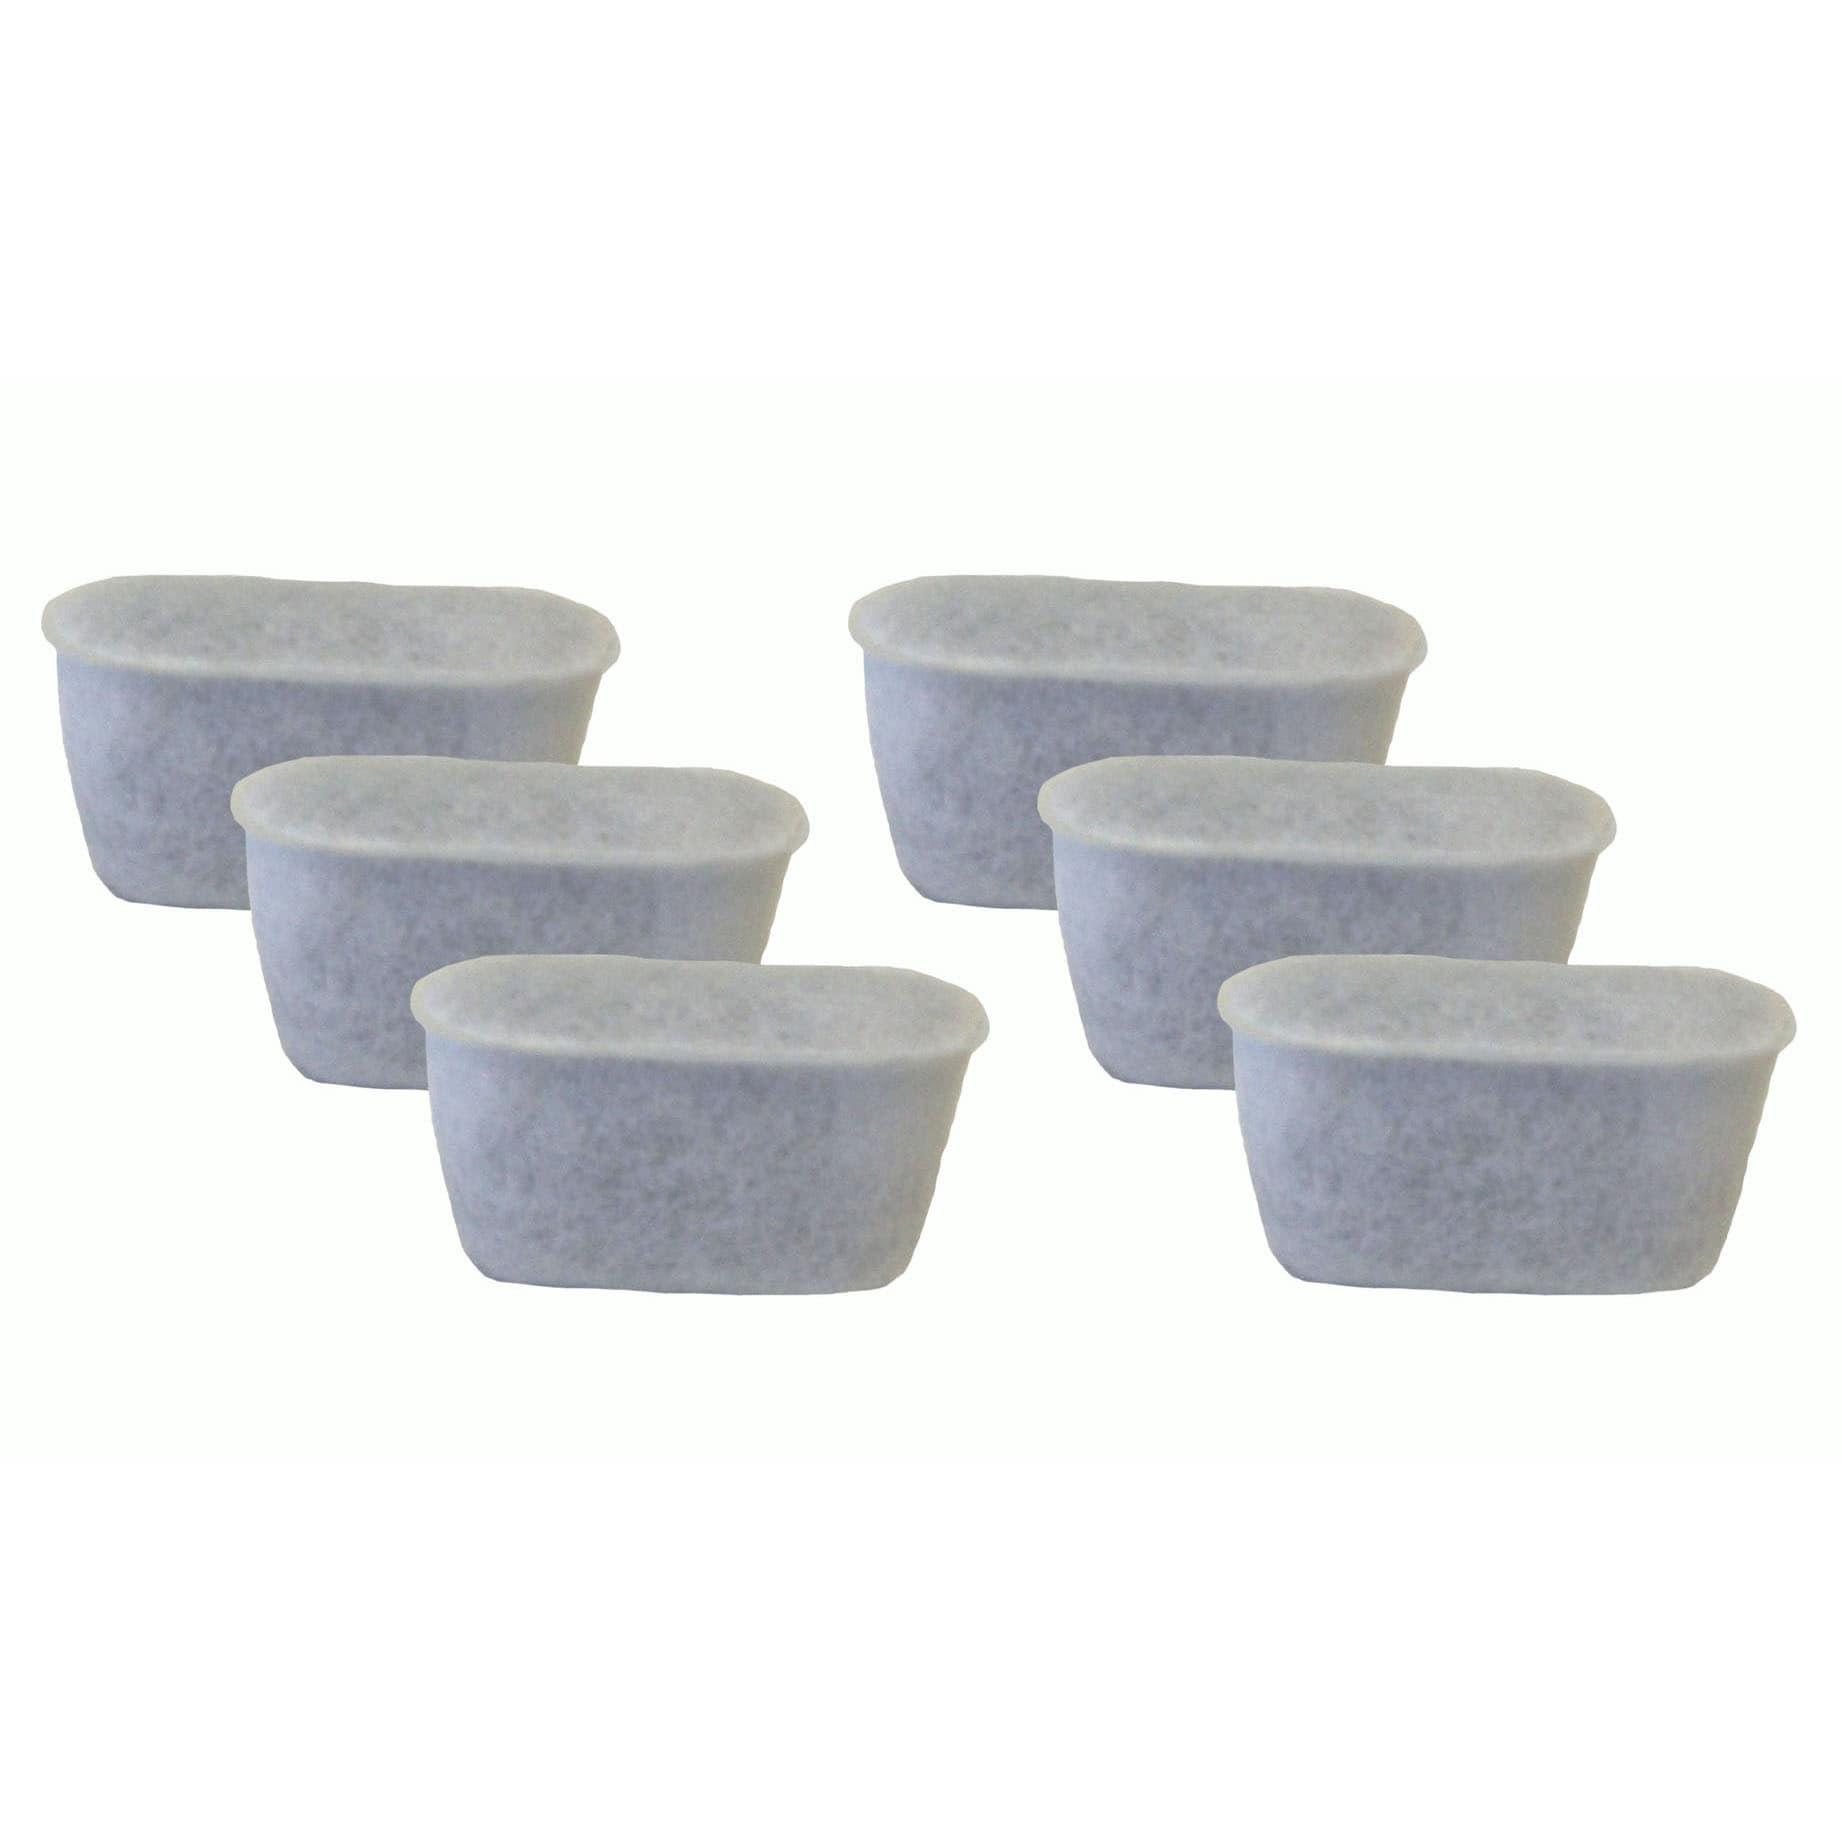 Crucial 6 Keurig Charcoal Water Filters, Fit Keurig Singl...